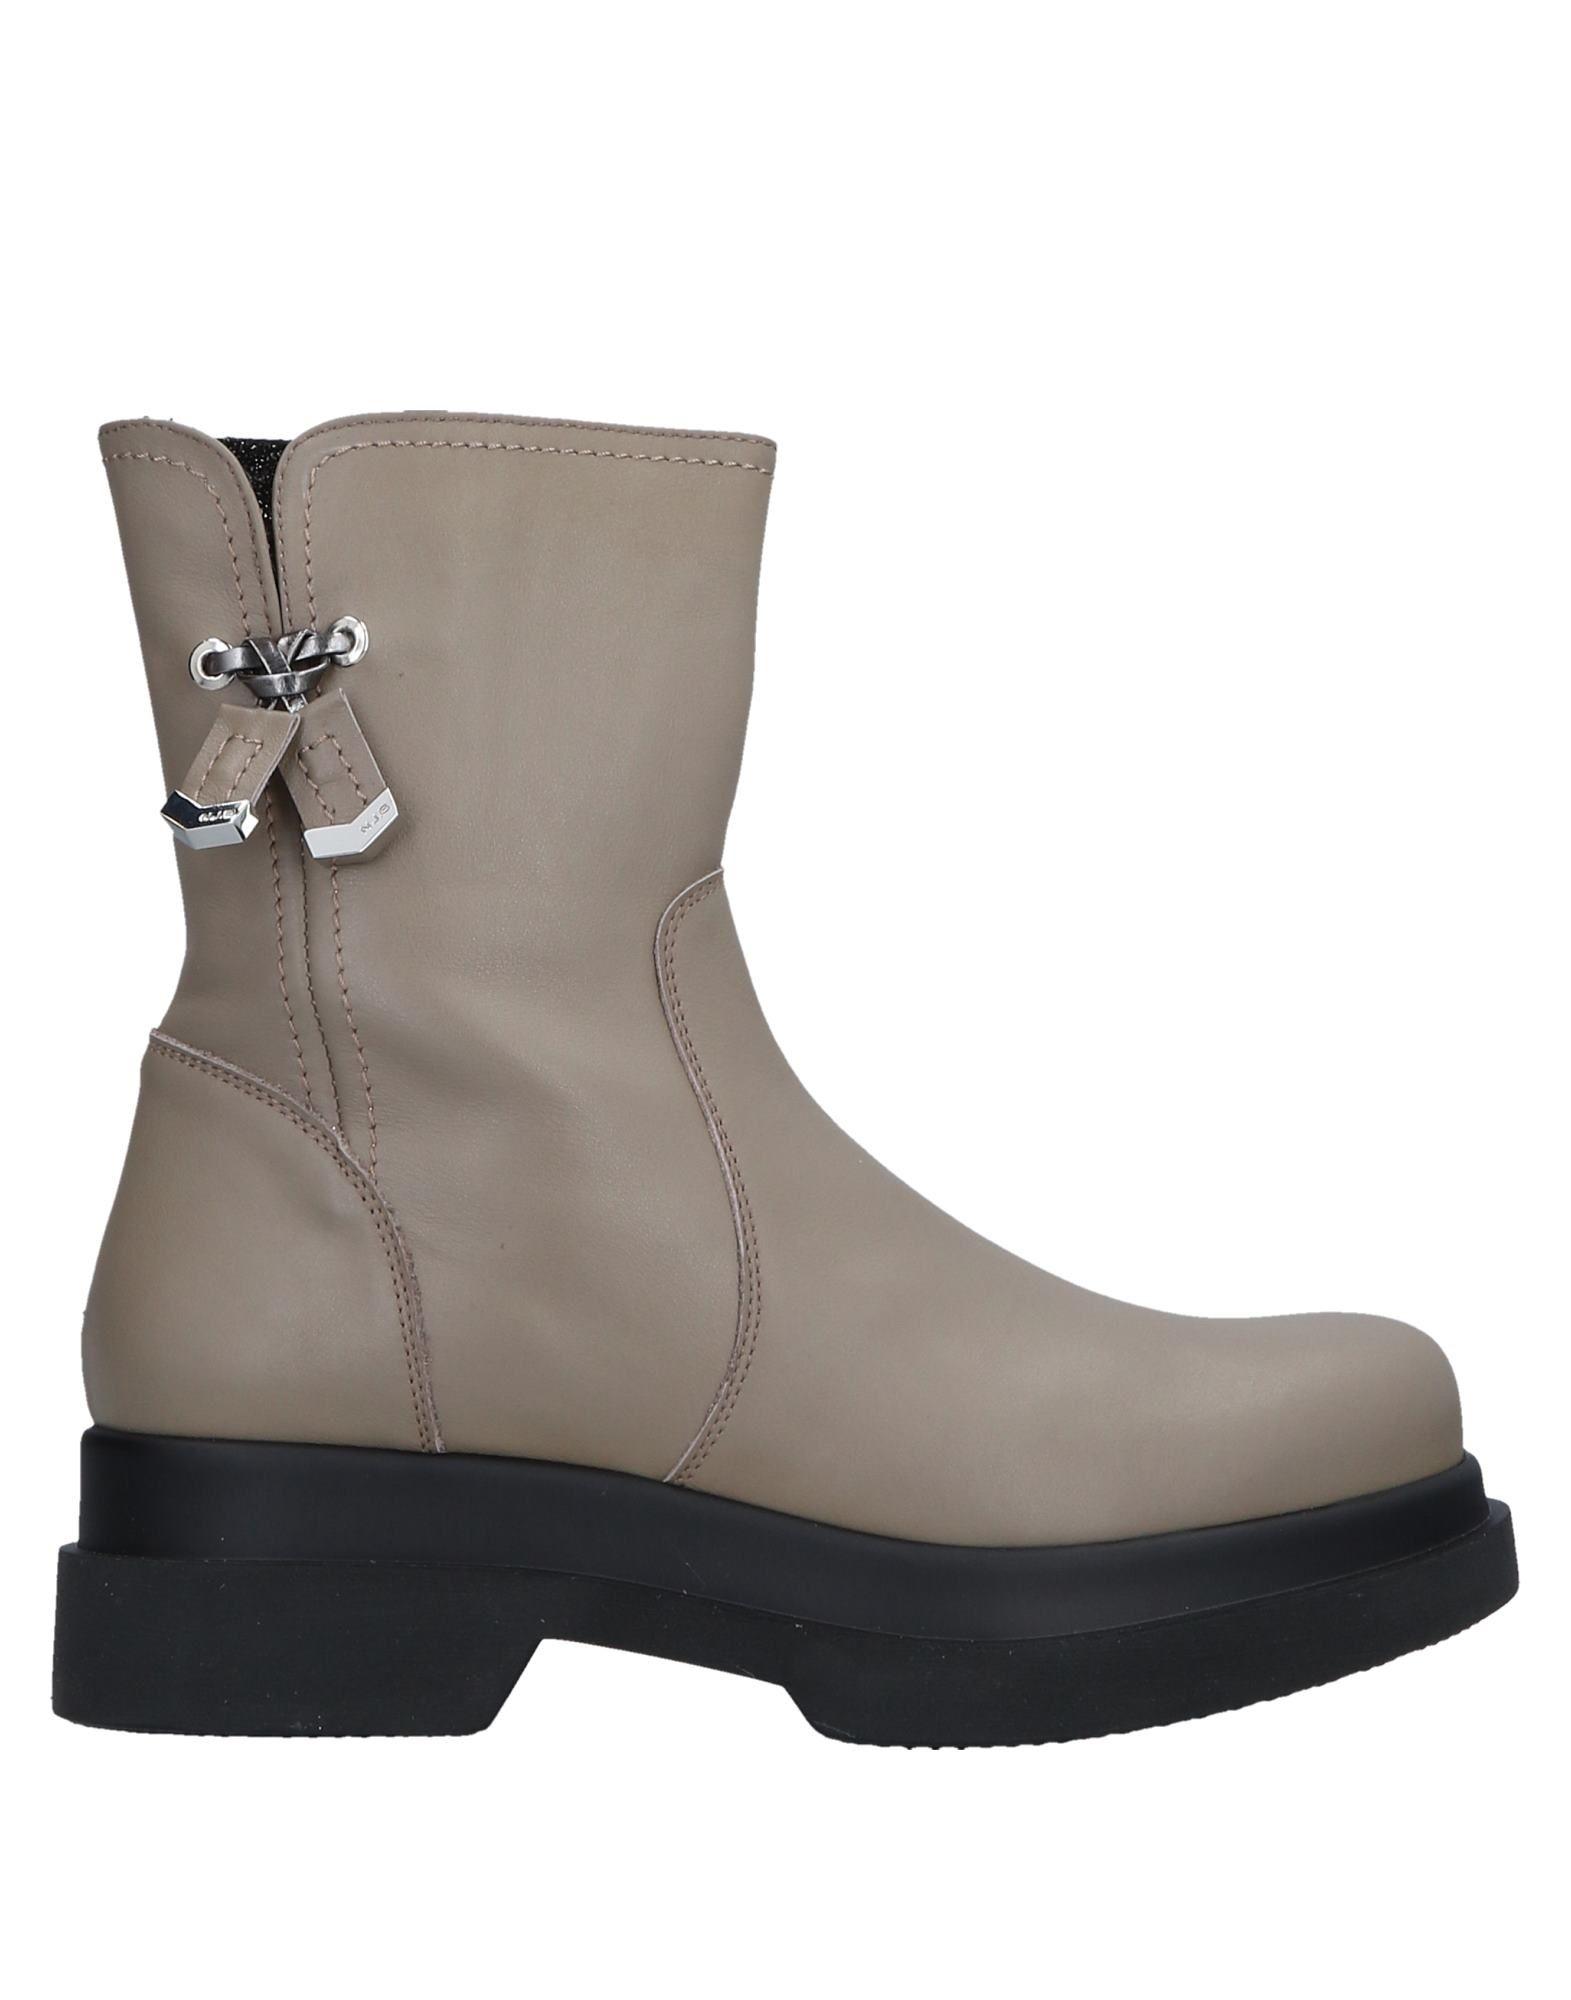 Norma J.Baker Ankle Boot - Women Norma J.Baker  Ankle Boots online on  J.Baker United Kingdom - 11516327GC 4b58e0